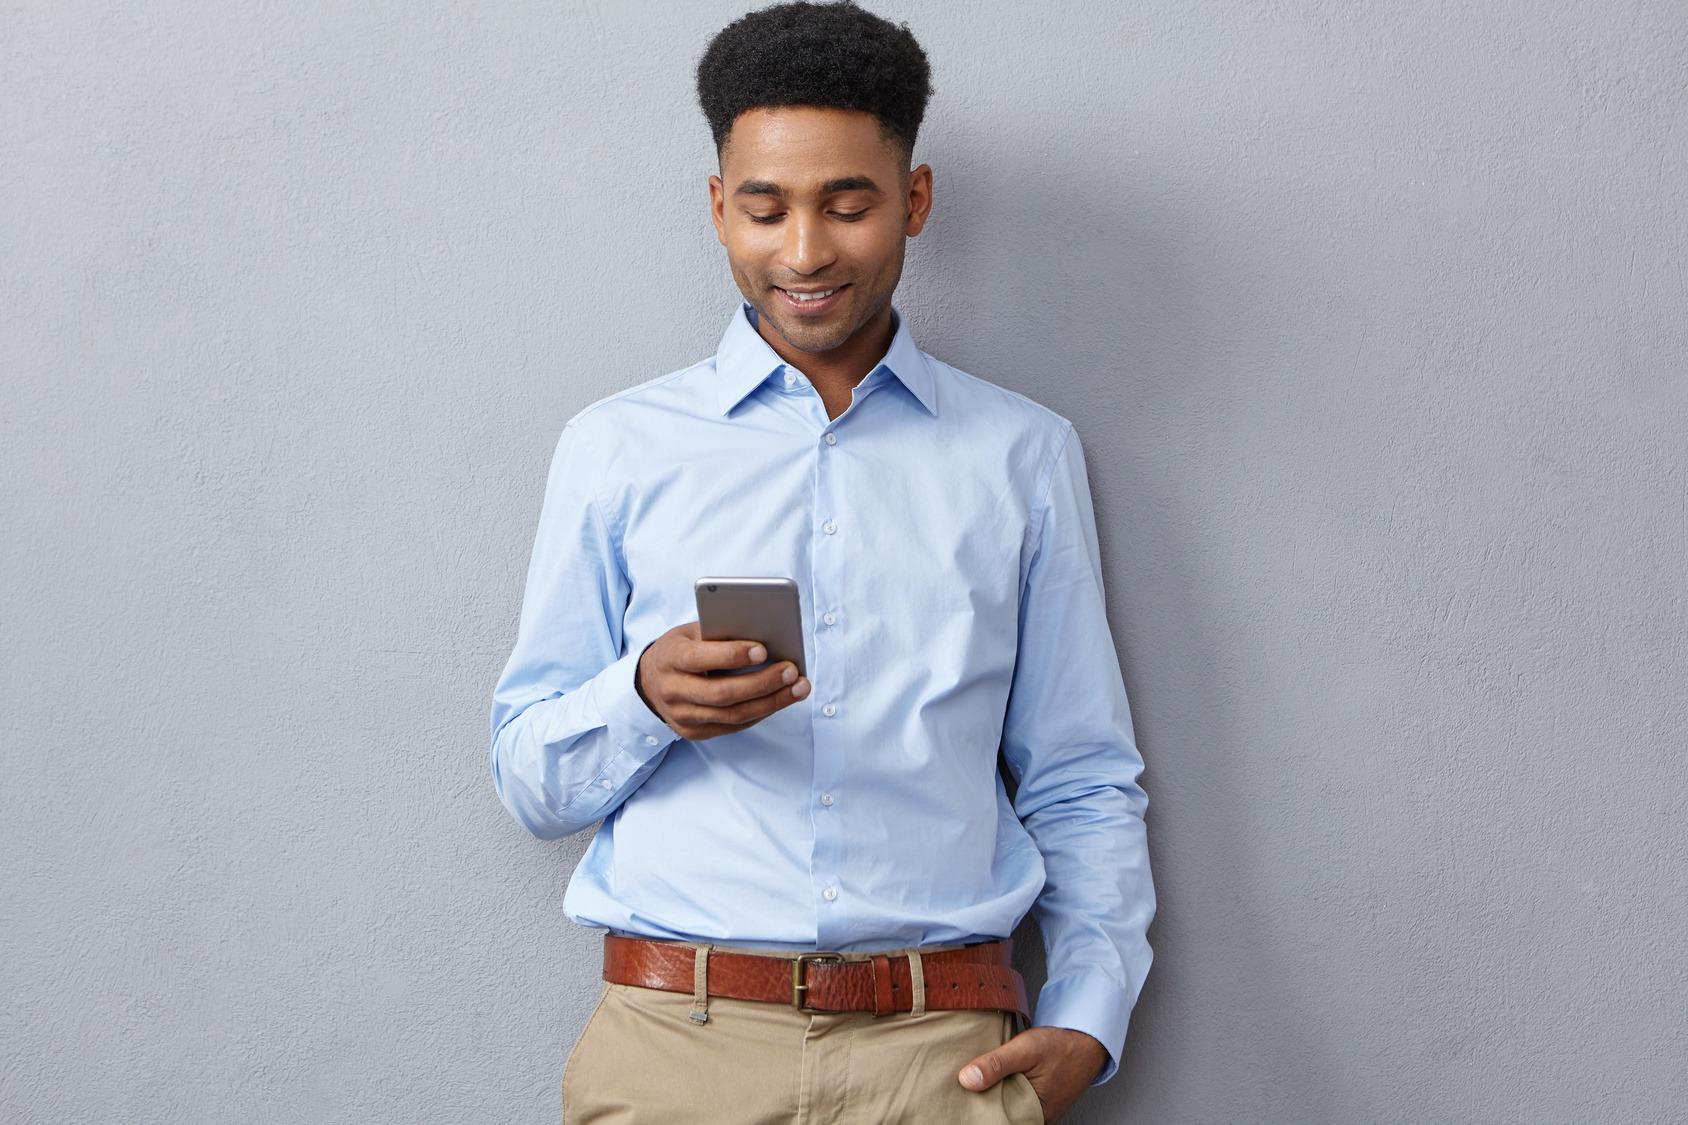 Gut gekleideter Bewerber mit Smartphone in der Hand. Er trägt ein hellblaues Hemd, eine hellbraune Chino mit braunem Gürtel